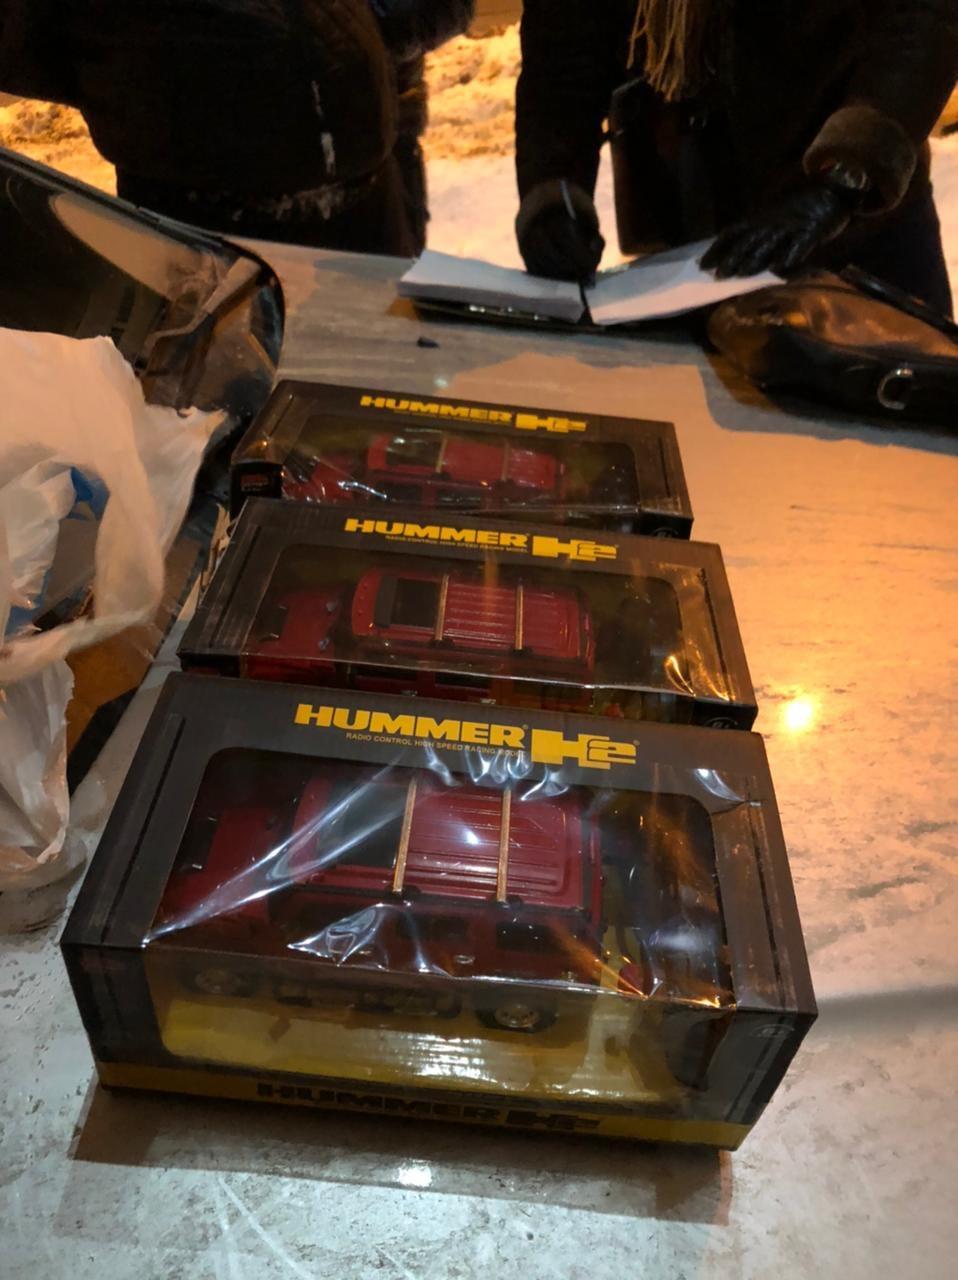 У Львові експоліціянт продавав кокаїн, ховаючи його у дитячих машинках (ФОТО)